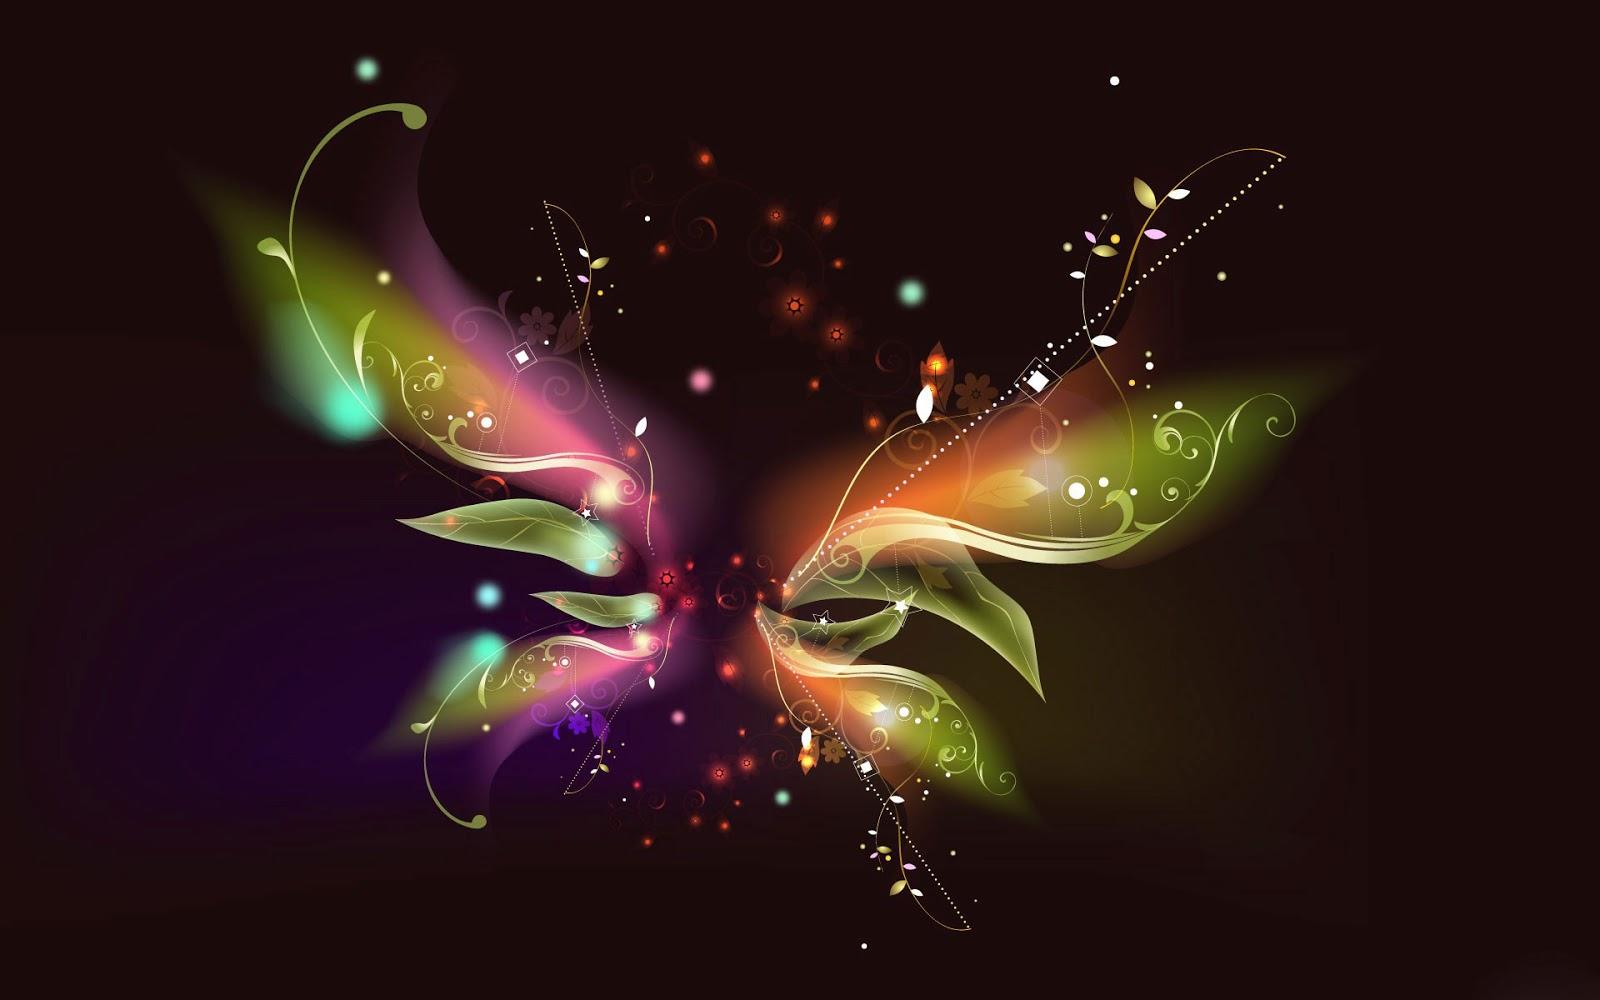 free wallpaper dekstop butterfly wallpaper butterfly